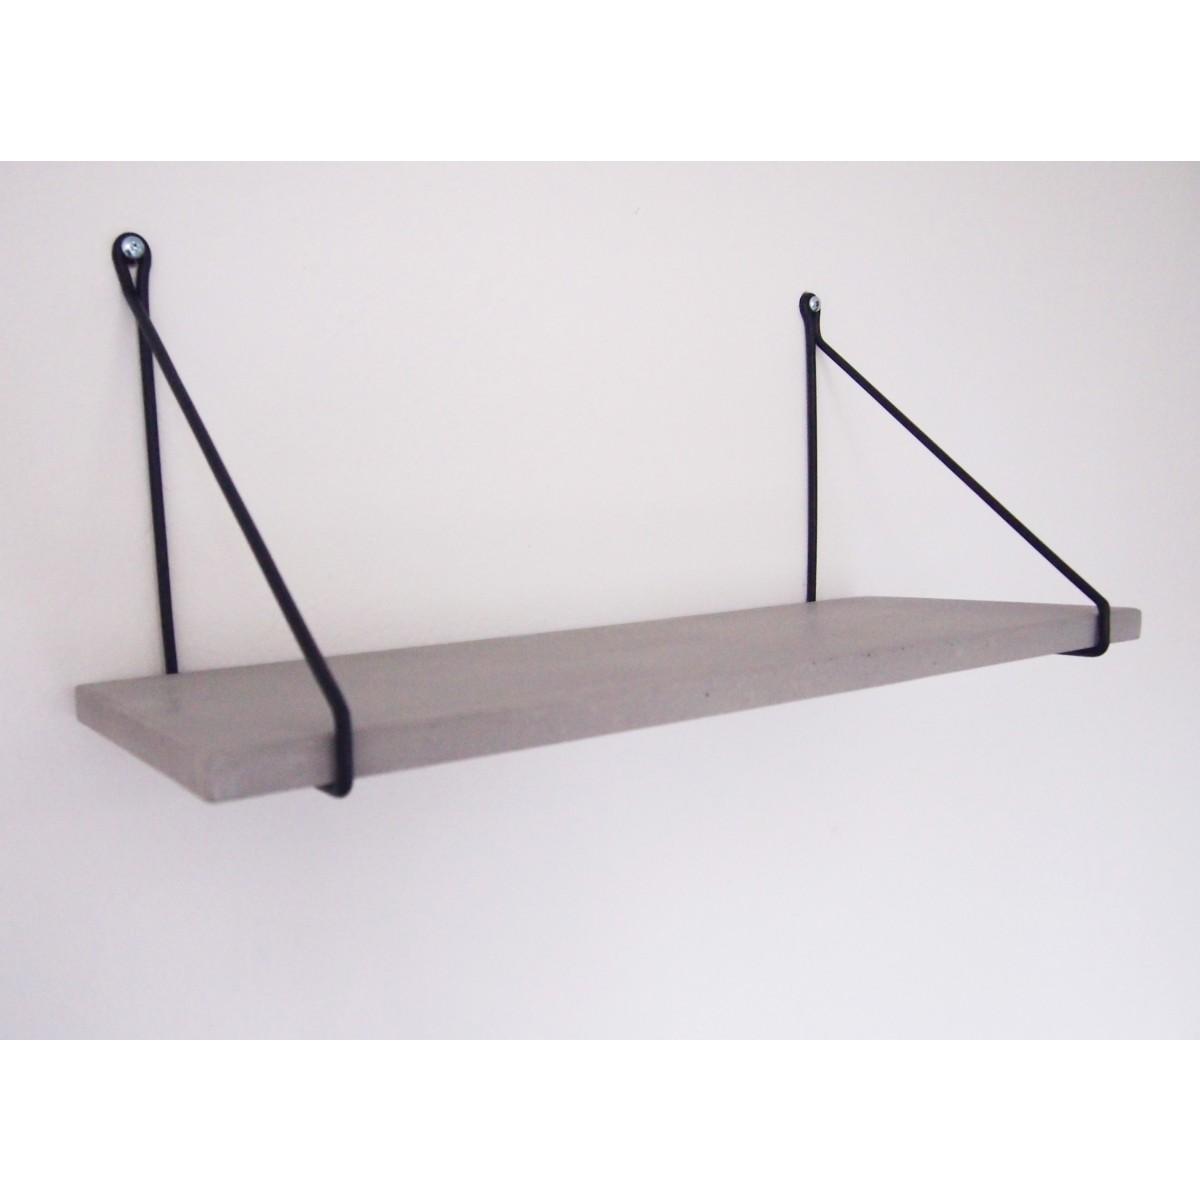 moij design Uphangen - Betonregal 80 cm